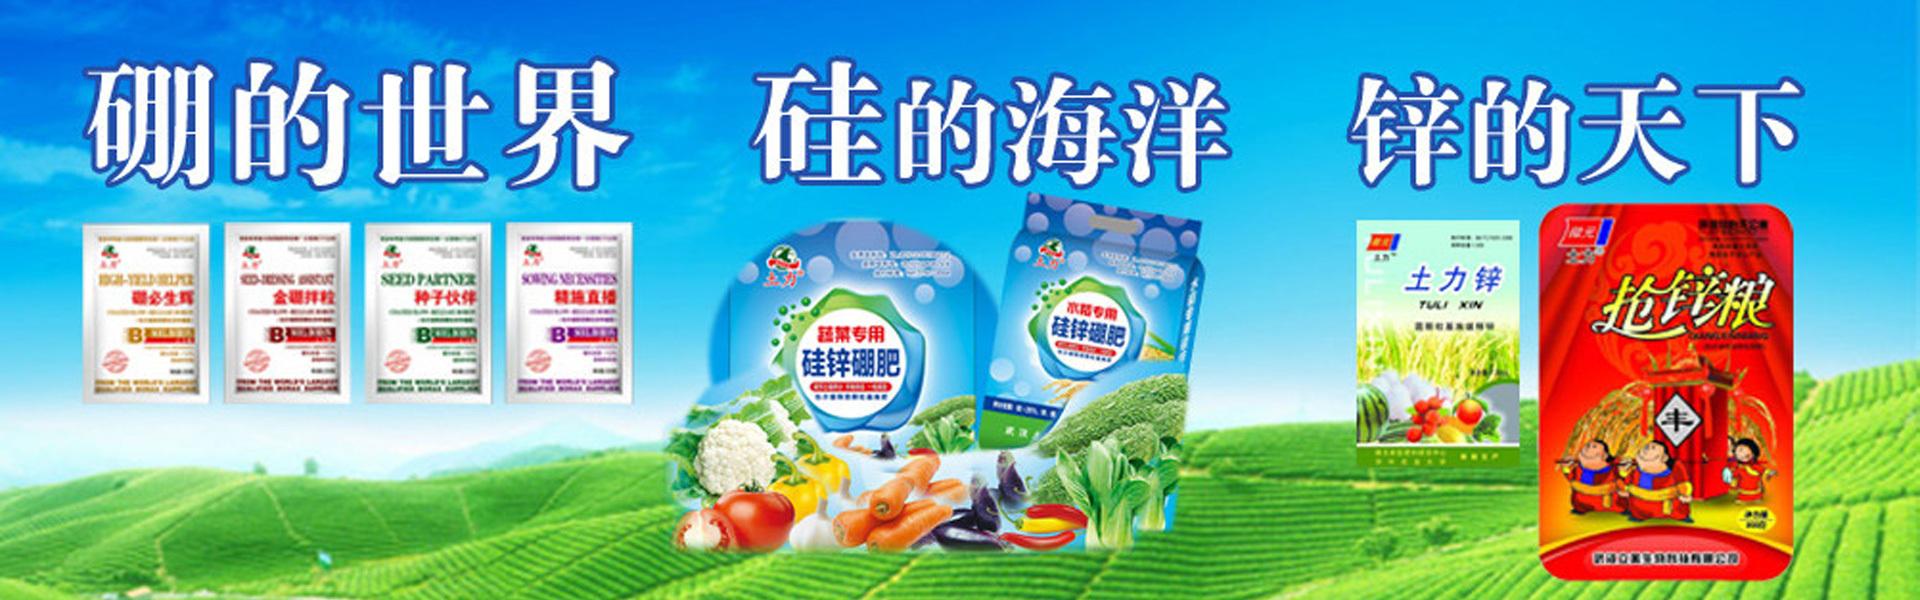 武汉土力肥业有限公司网站首页形象图